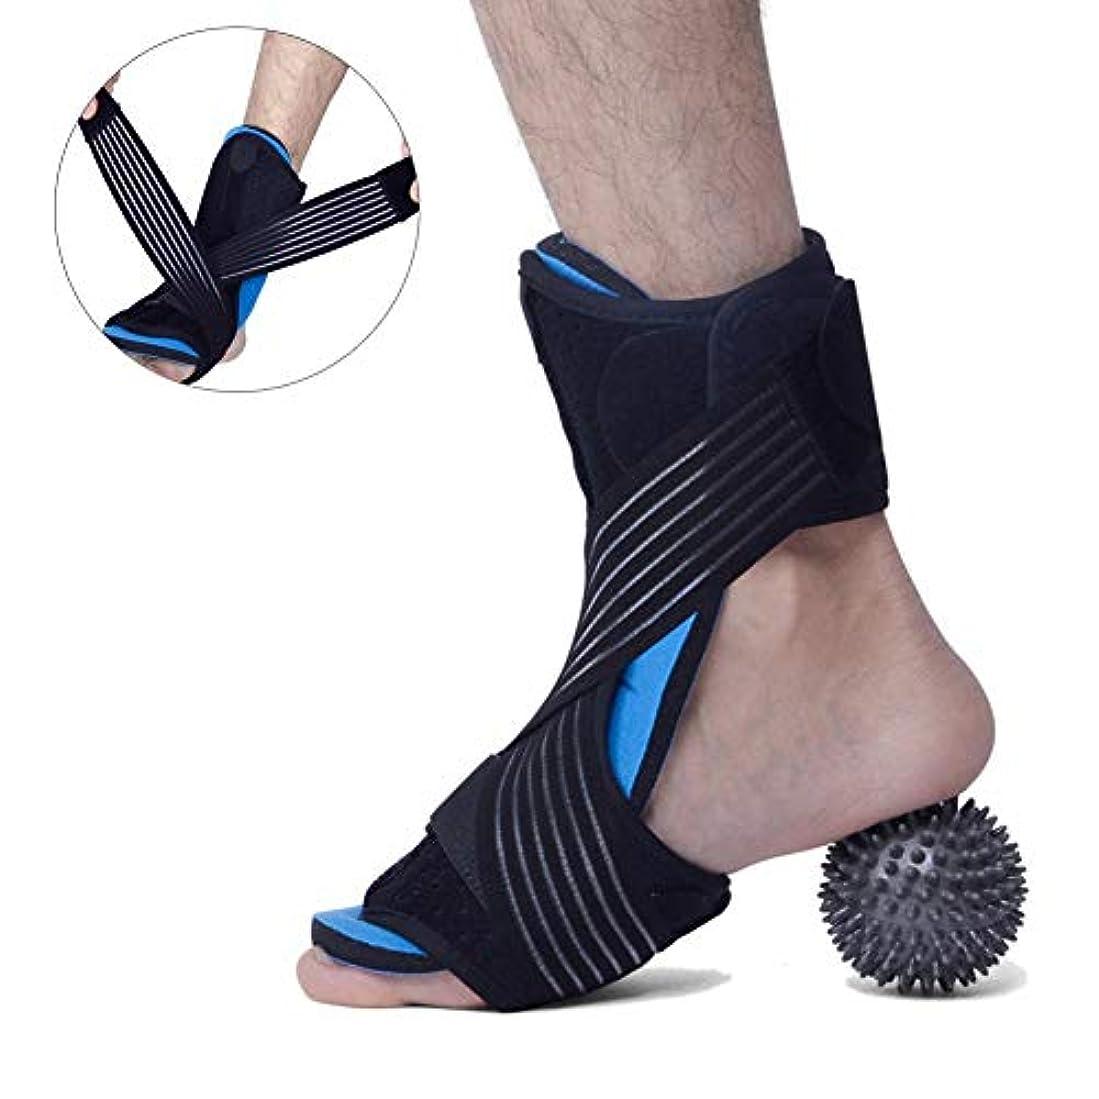 から万歳報告書Brill(ブリーオ) マッサージ ボール 付き 調節 可能 な 足首 サポート スタビライザー 足底 筋 膜 炎 ナイト スプリント 足 装具 サポート 足底 筋 膜 炎 の 効果 の な 緩和 痛み 足底 筋 膜 炎